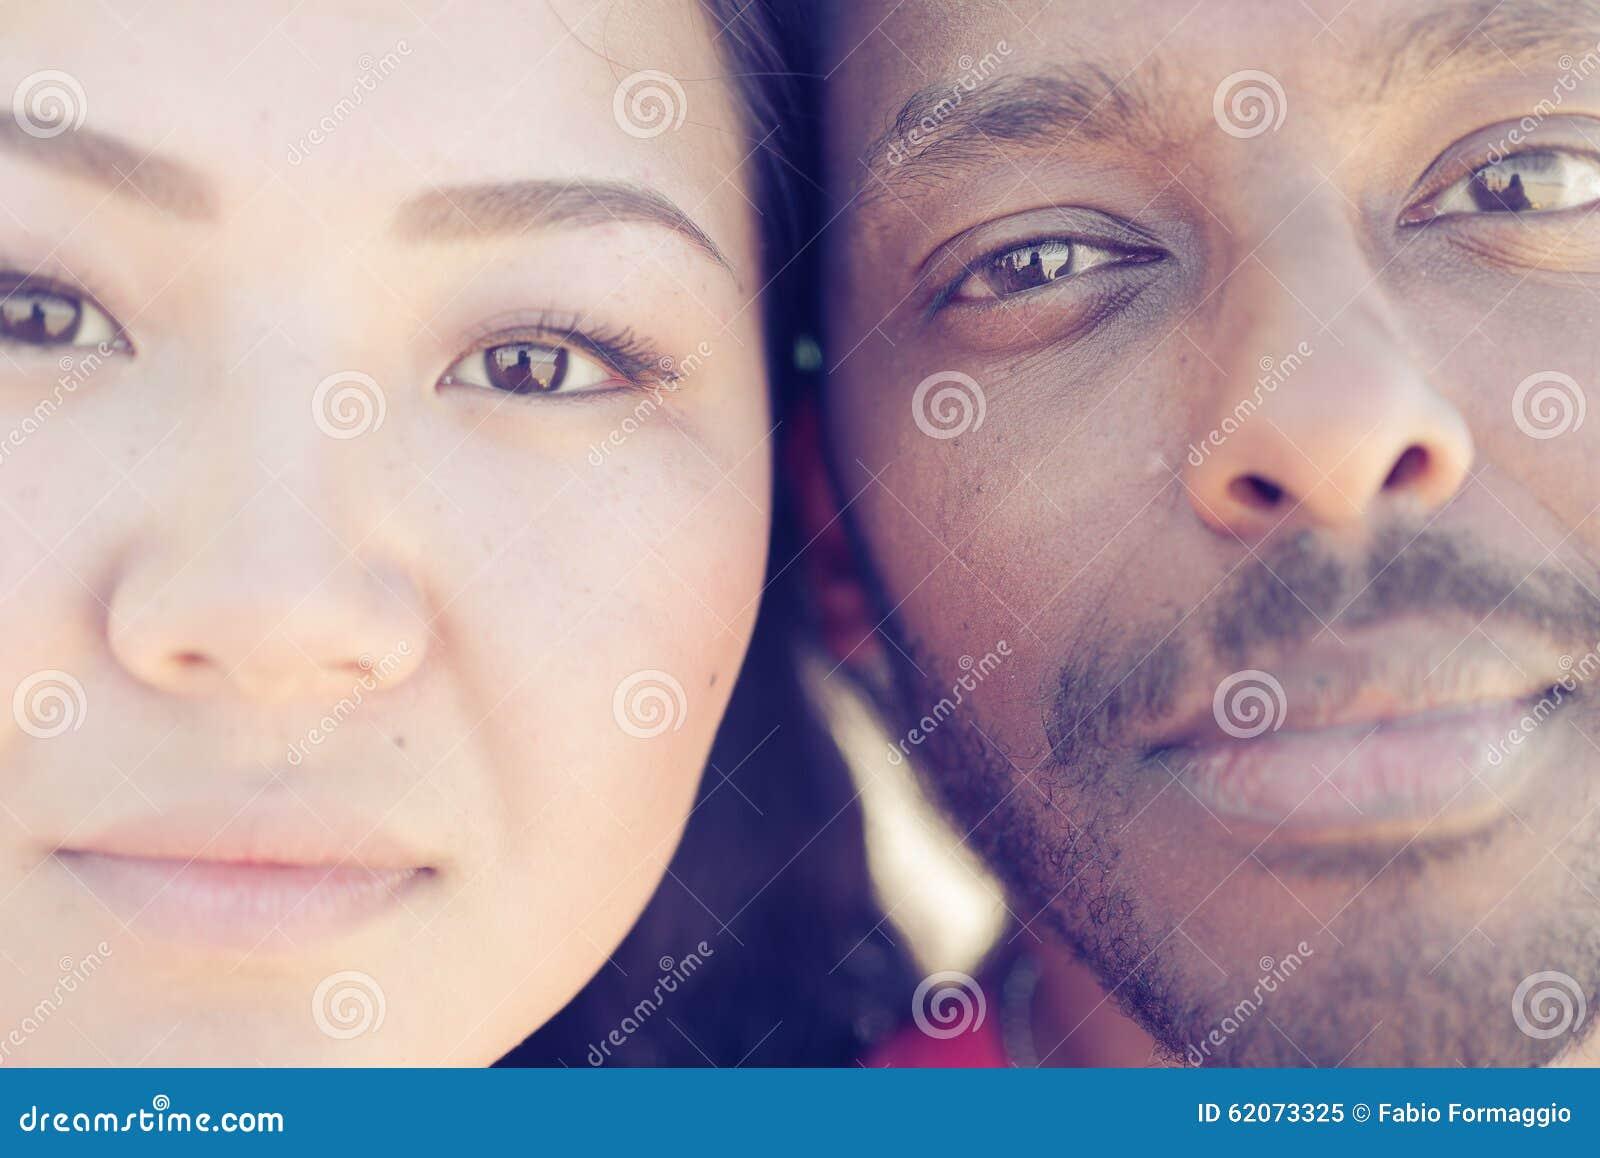 亚裔女孩和黑人画象 关于夫妇和变化的概念.